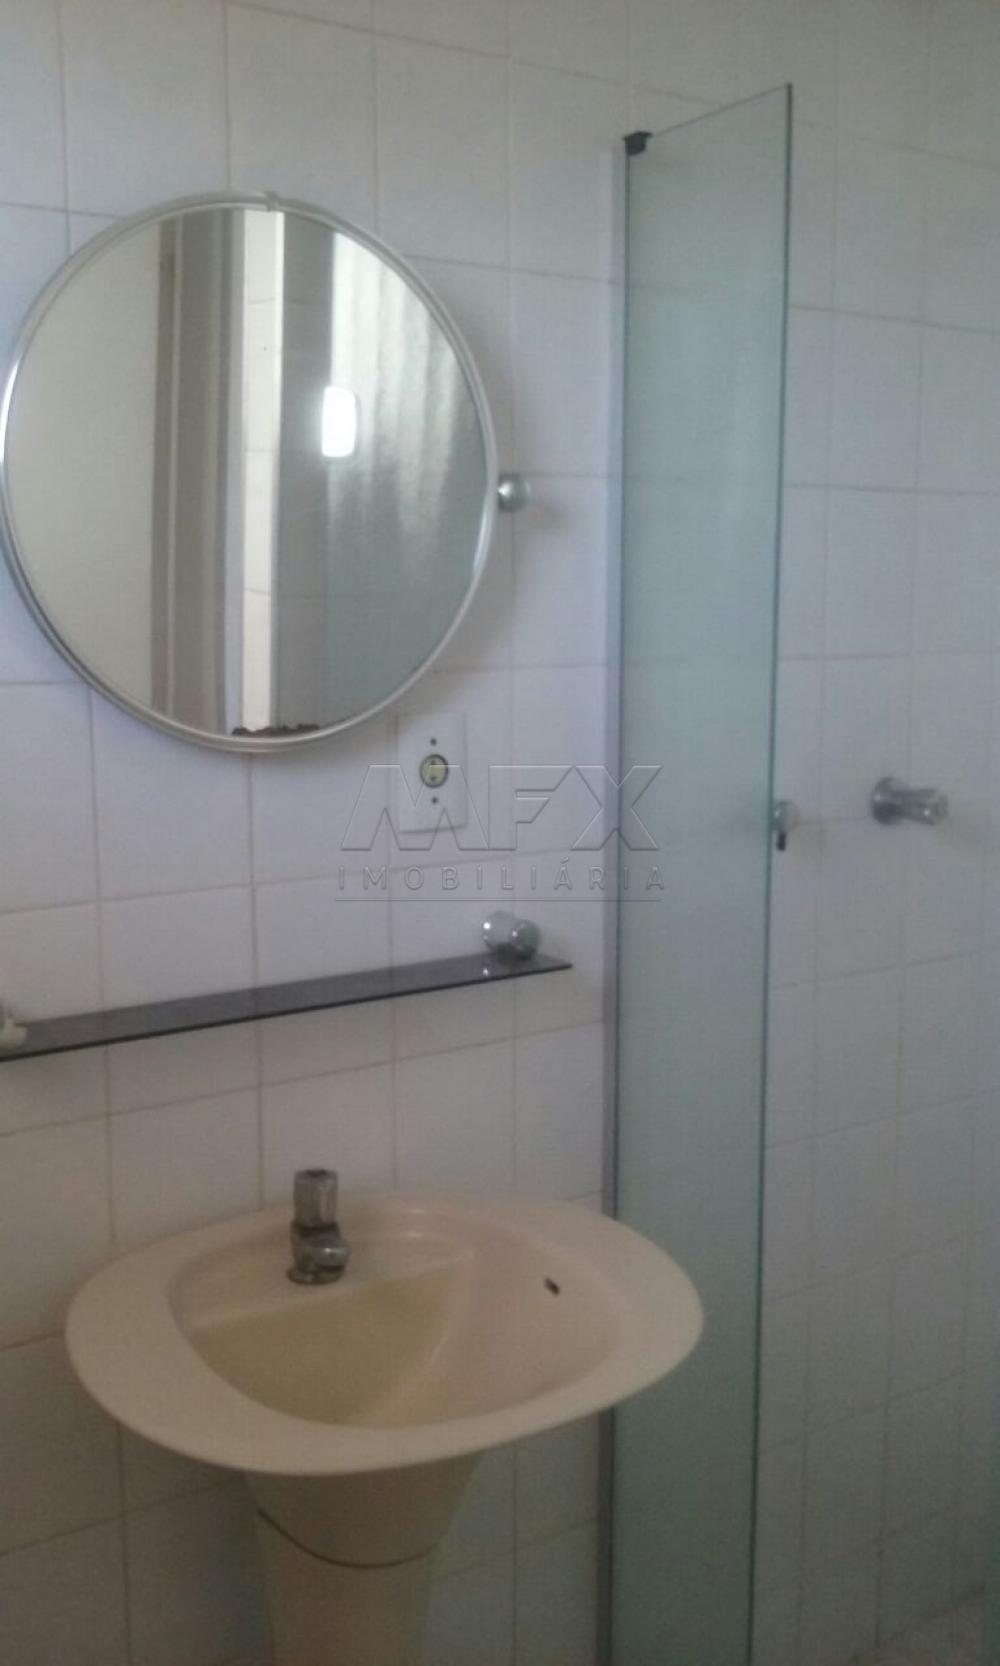 Comprar Apartamento / Padrão em Bauru R$ 130.000,00 - Foto 2